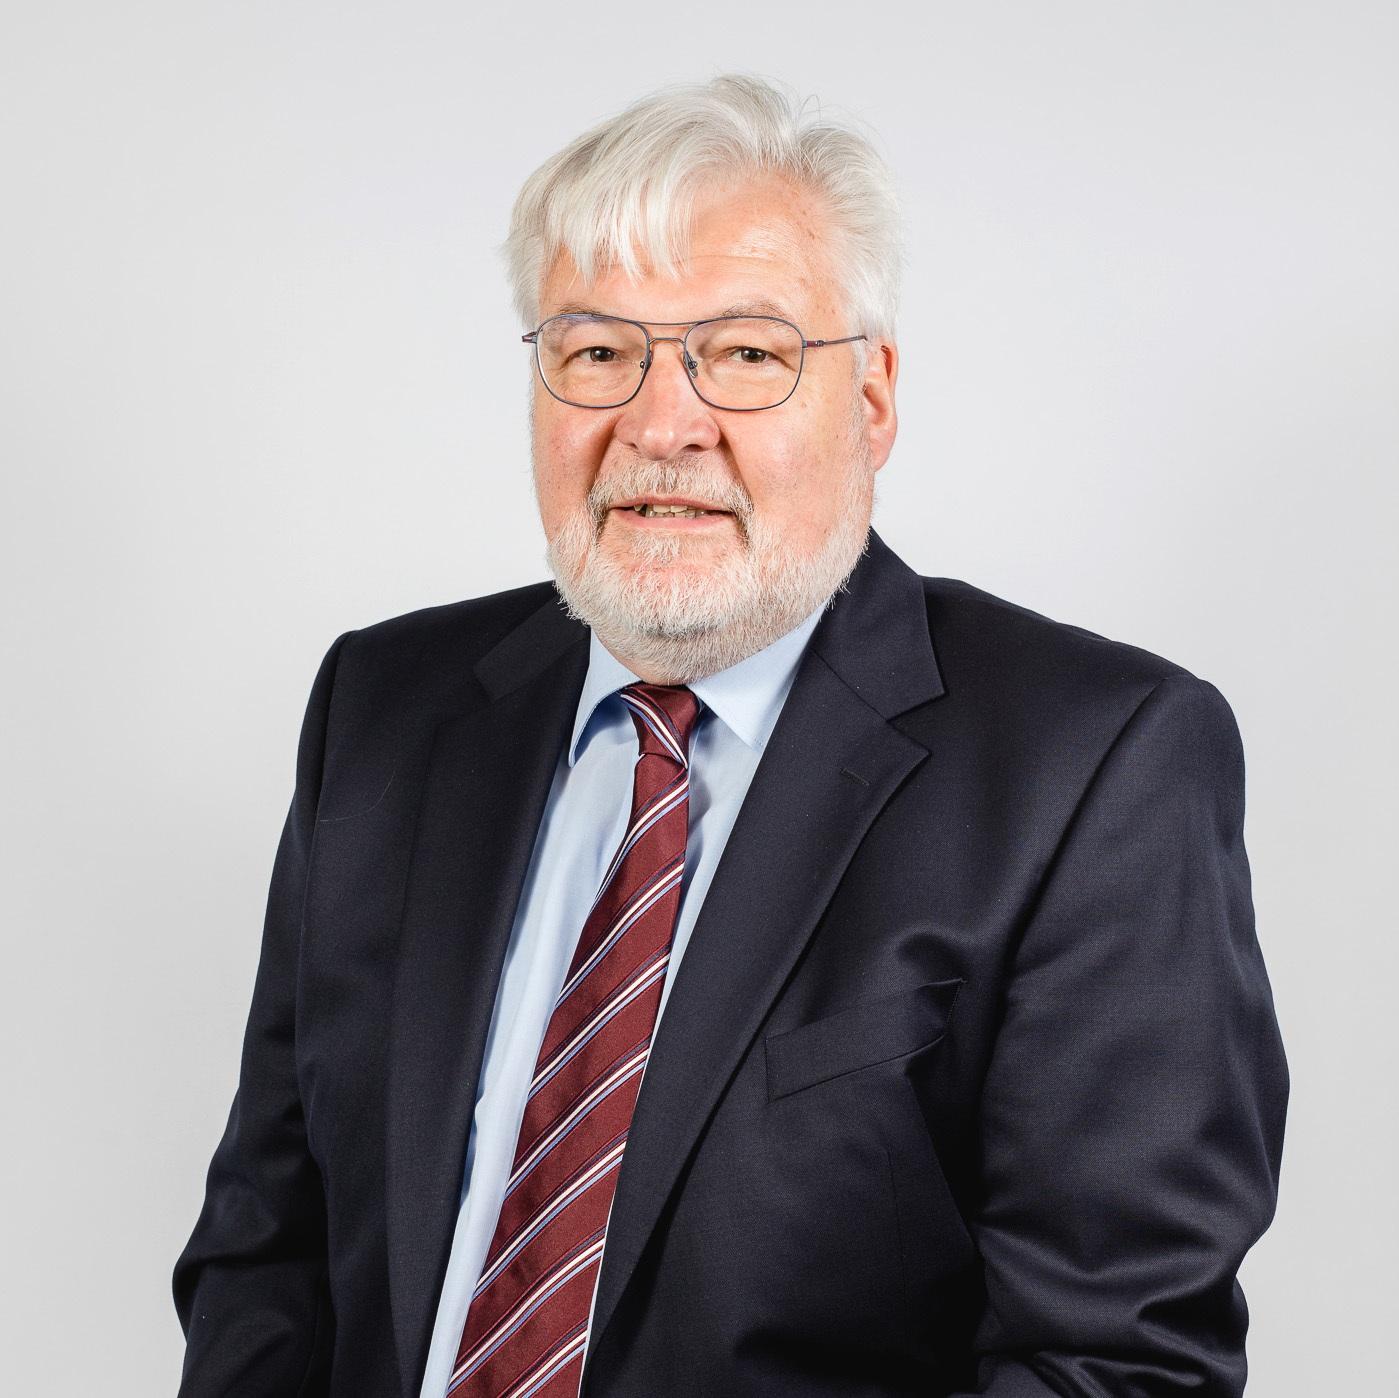 Karlheinz Dammeyer